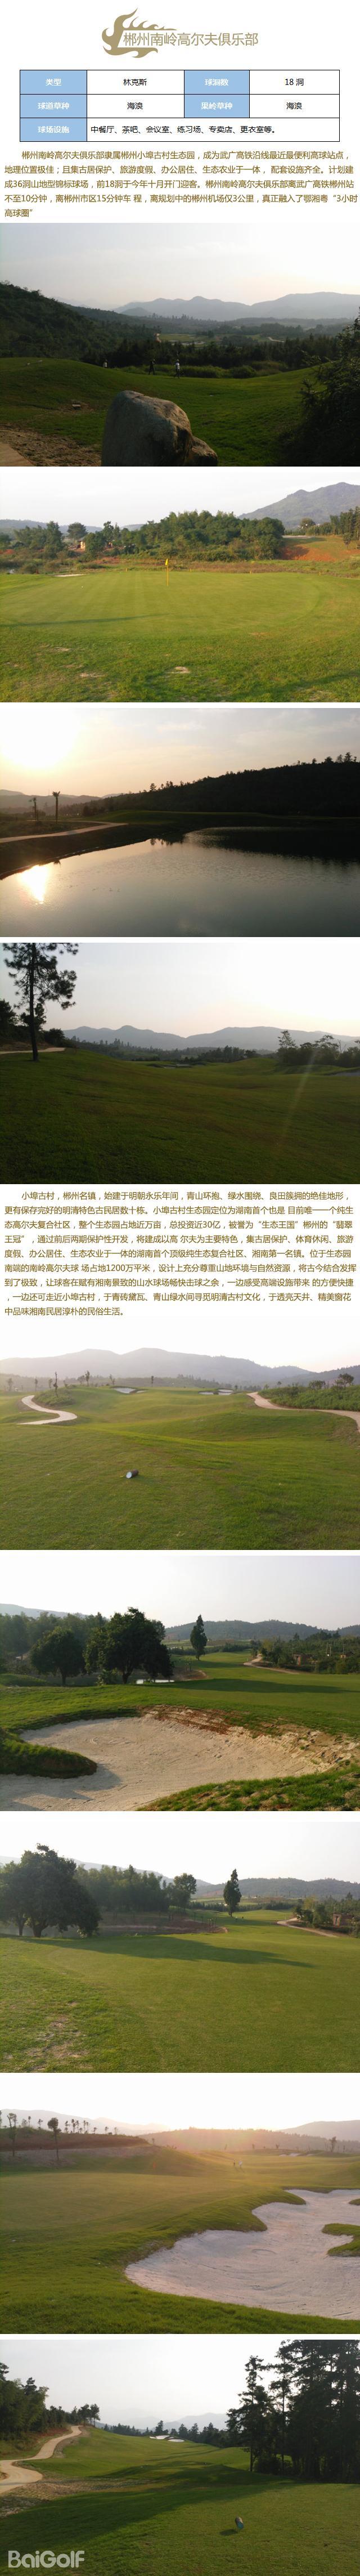 郴州南岭高尔夫俱乐部简介